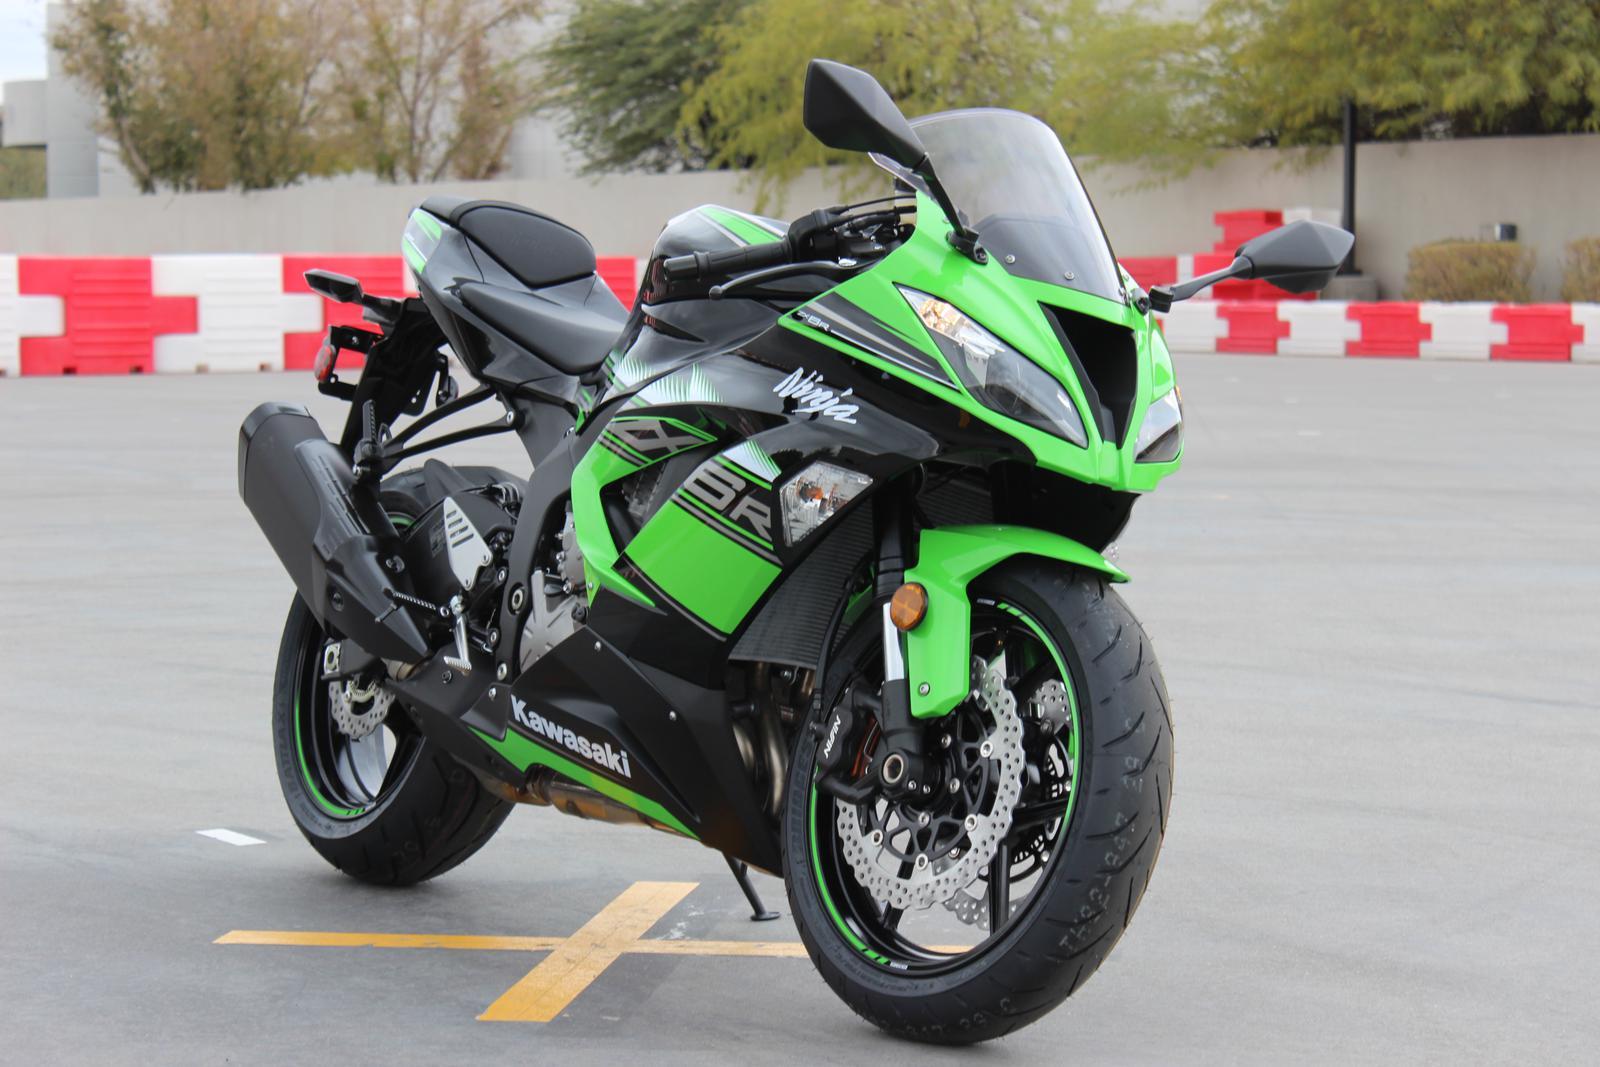 Kawasaki Ninja Zx 6rr идеи изображения мотоцикла